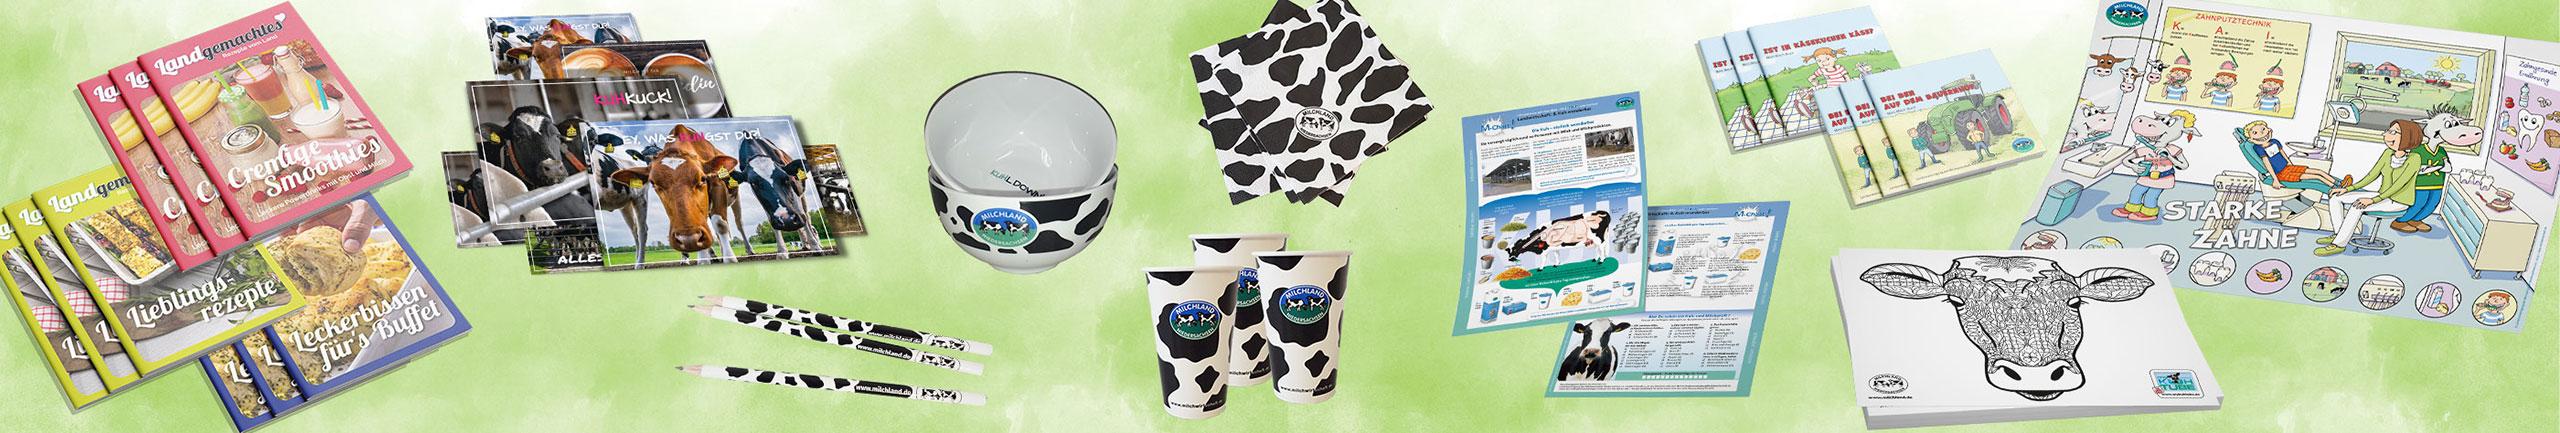 Shop - Produkte und Angebote für Milchverarberitende Unternehmen, Schulen und Kitas